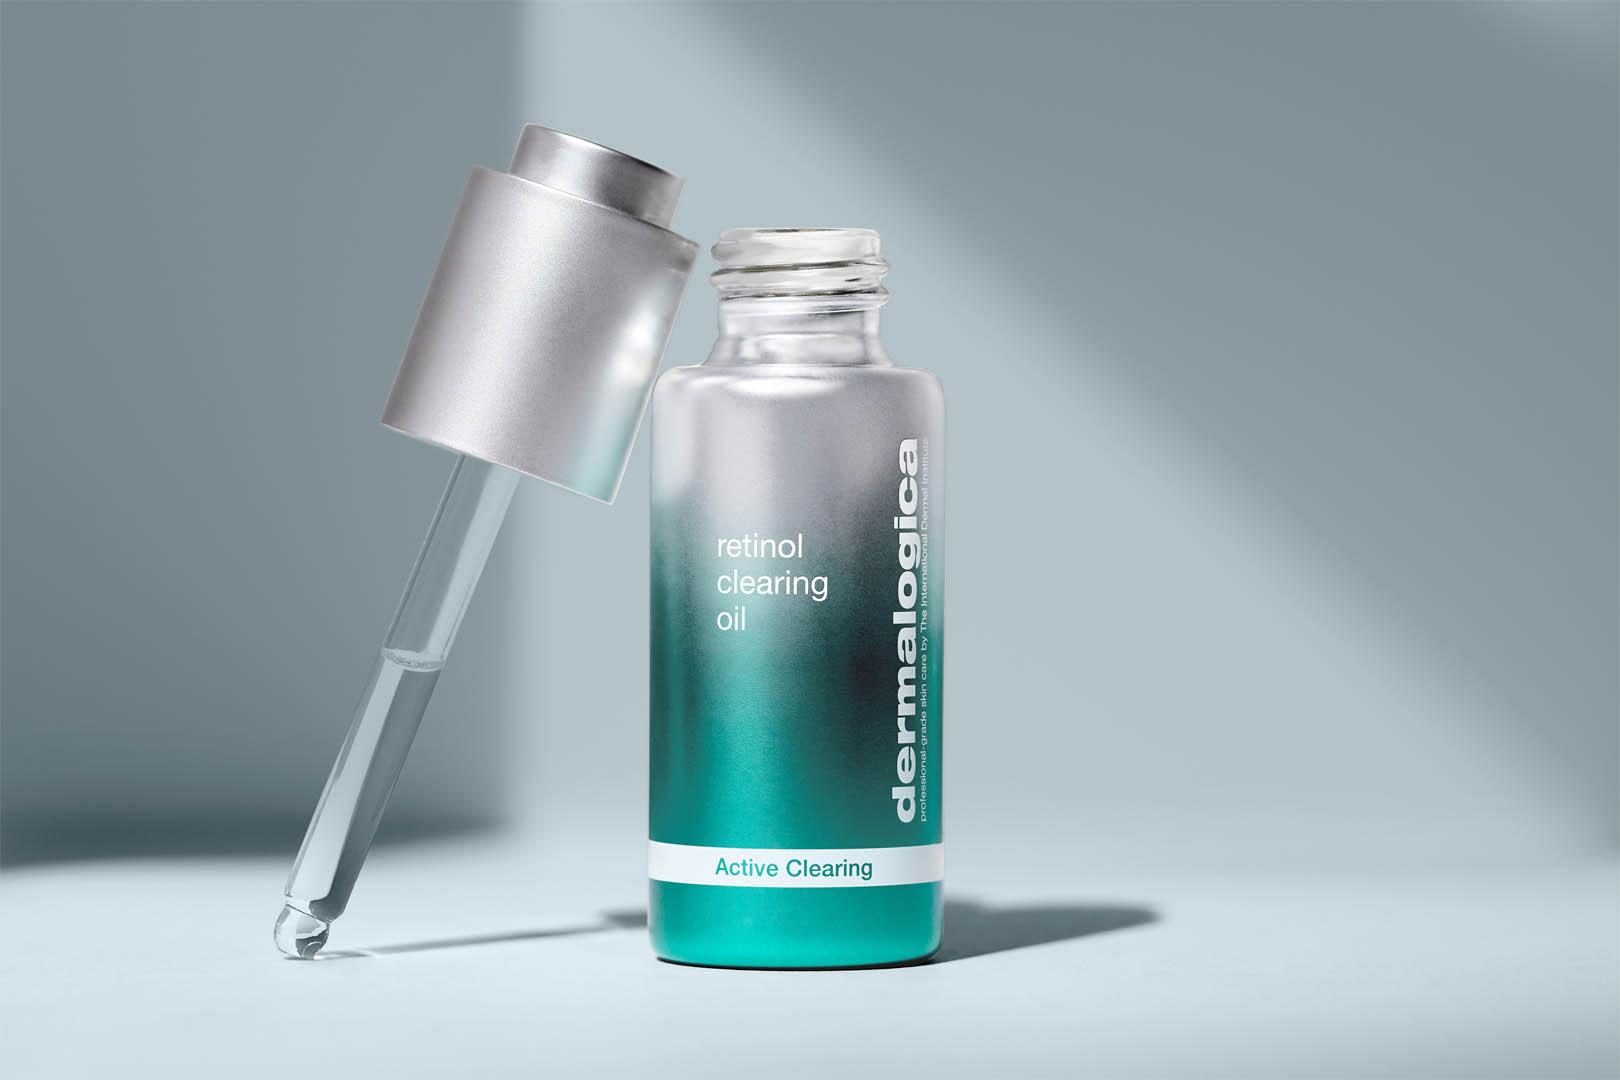 I nuovi prodotti immancabili per una beauty routine di successo